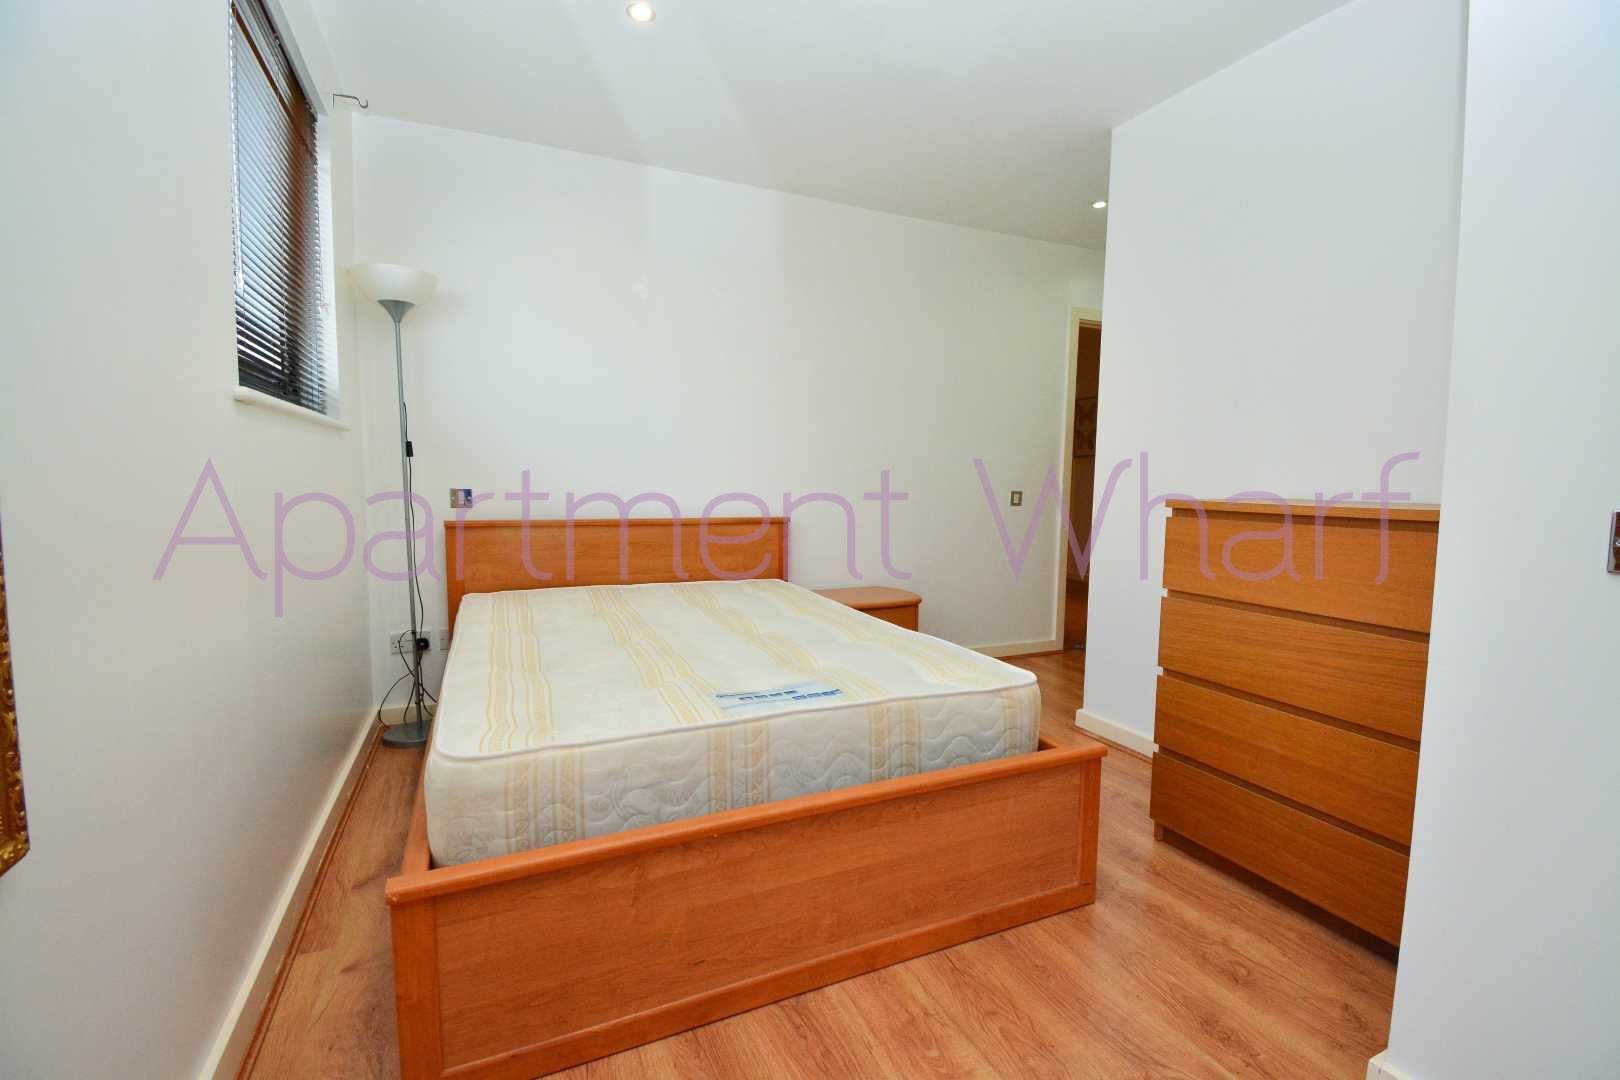 room b (5) (Large).jpg